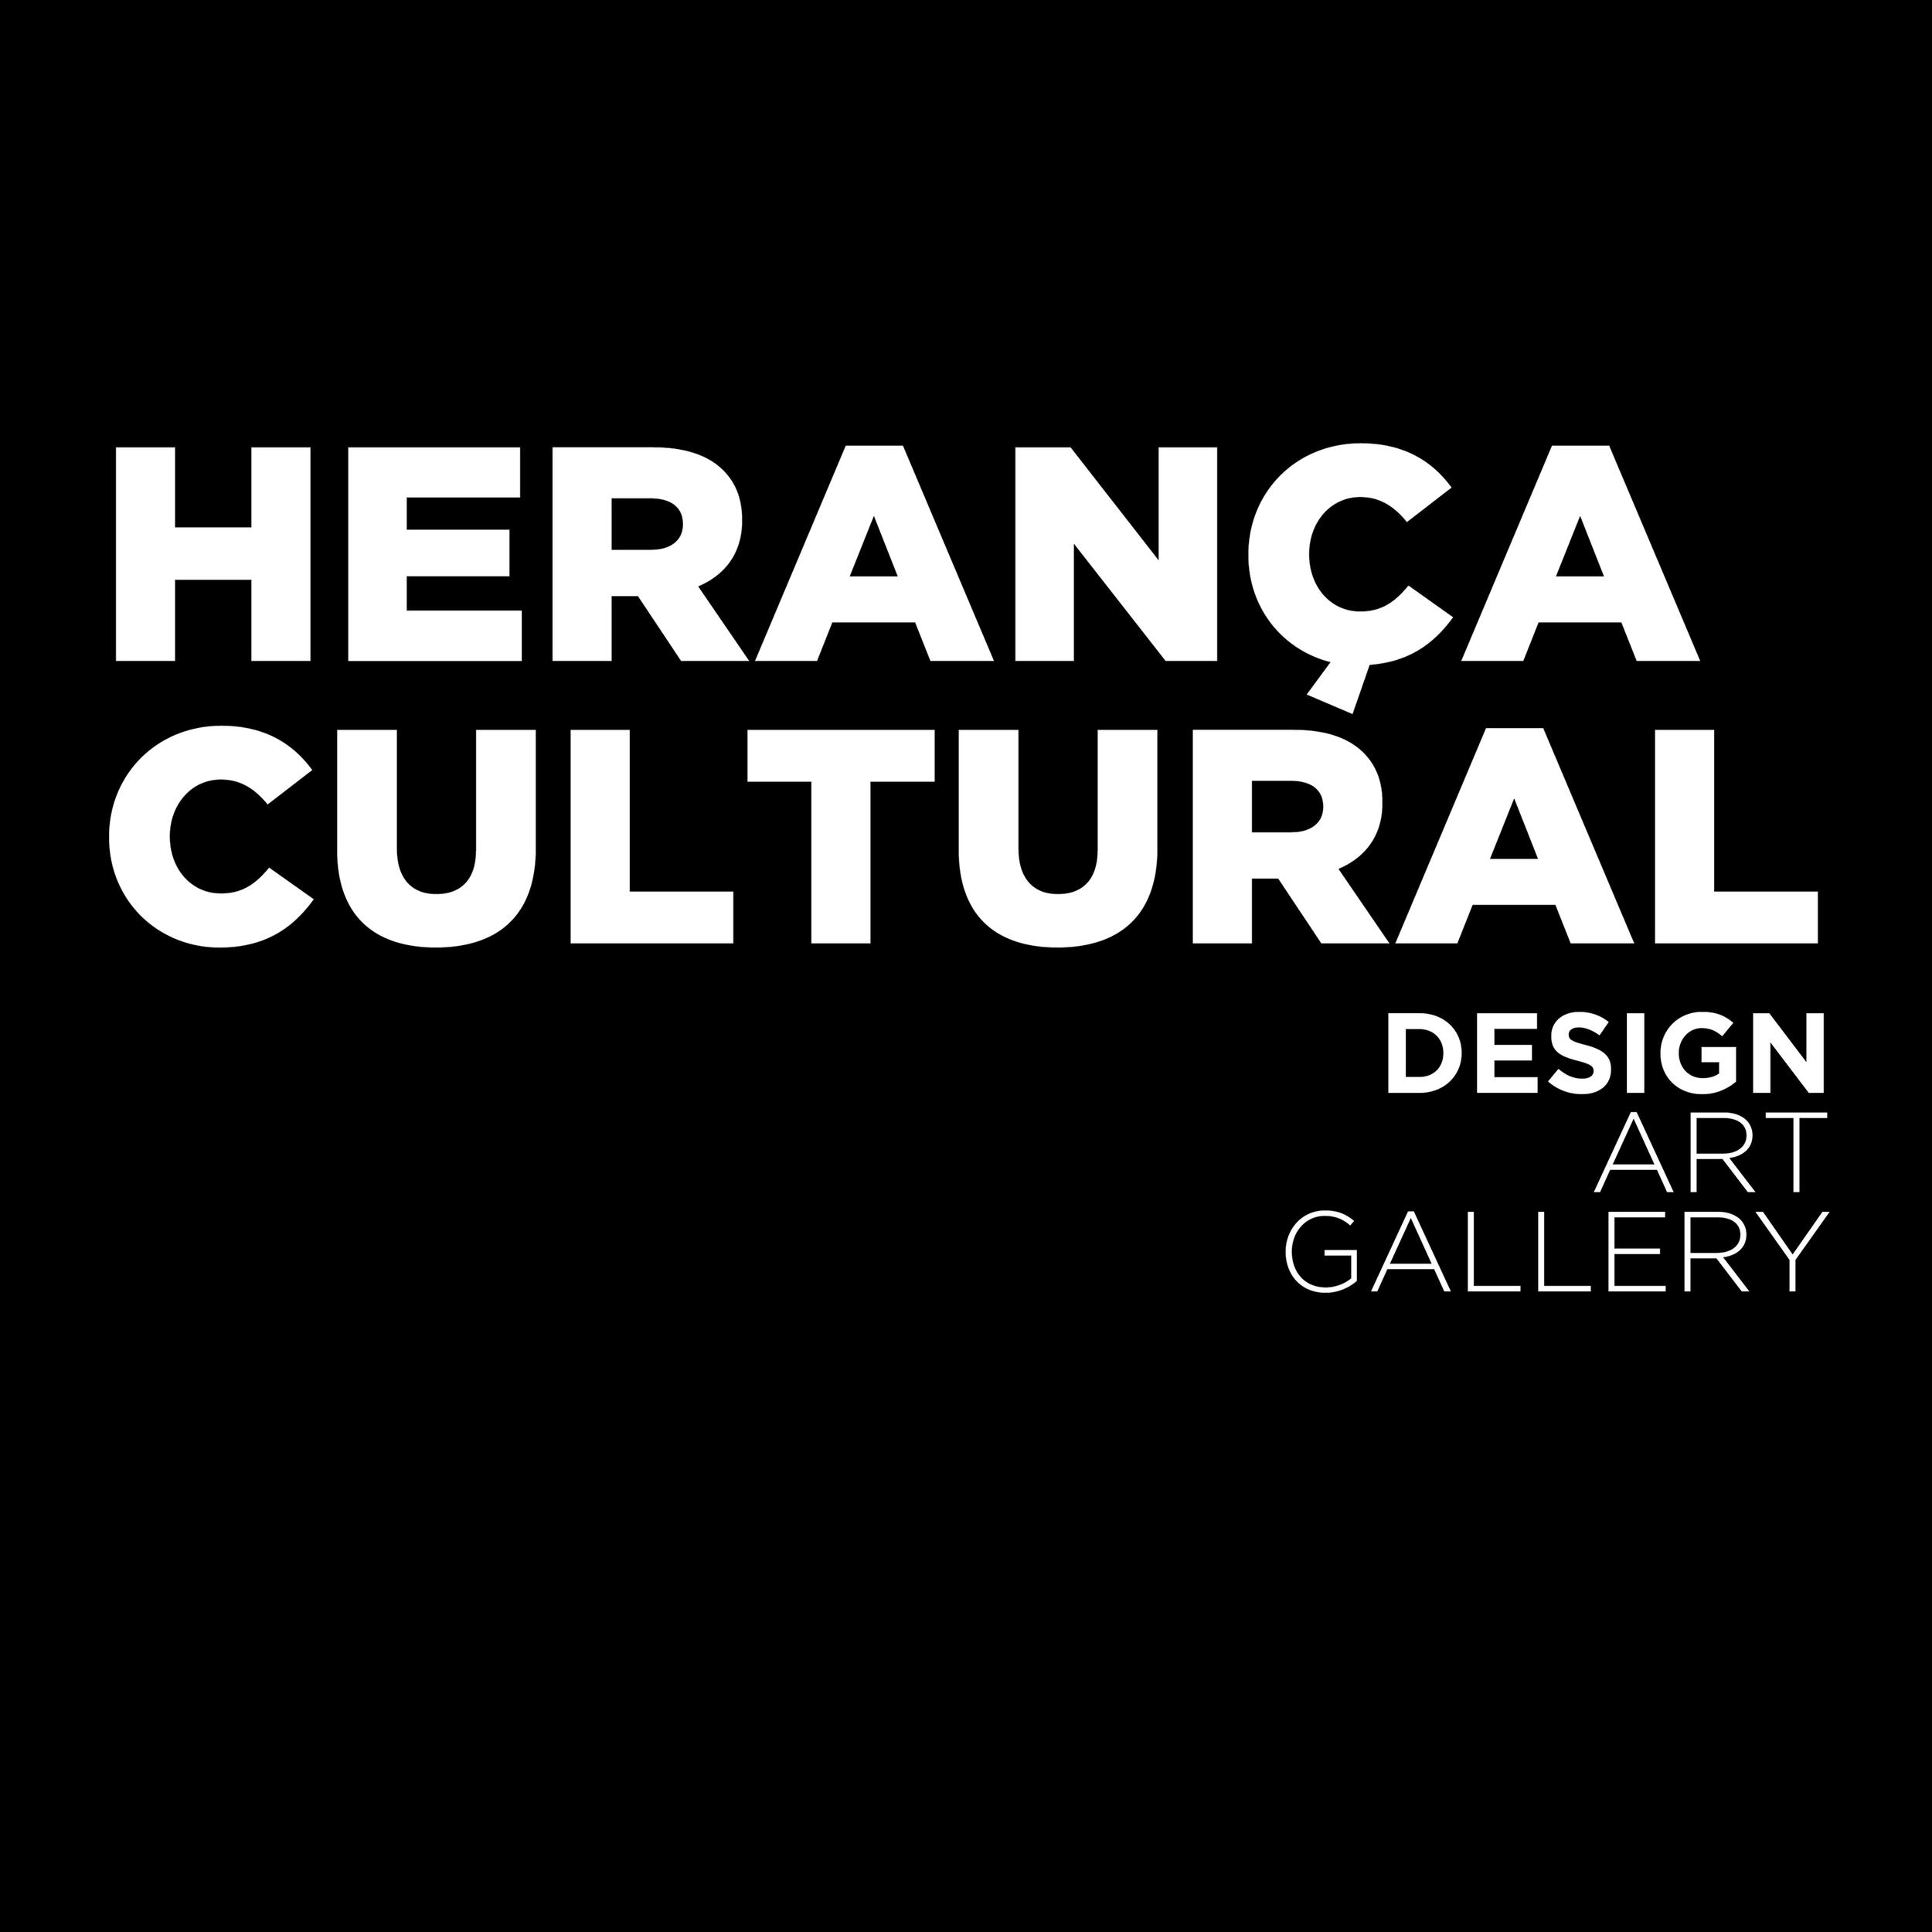 HERANCA CULTURAL.png